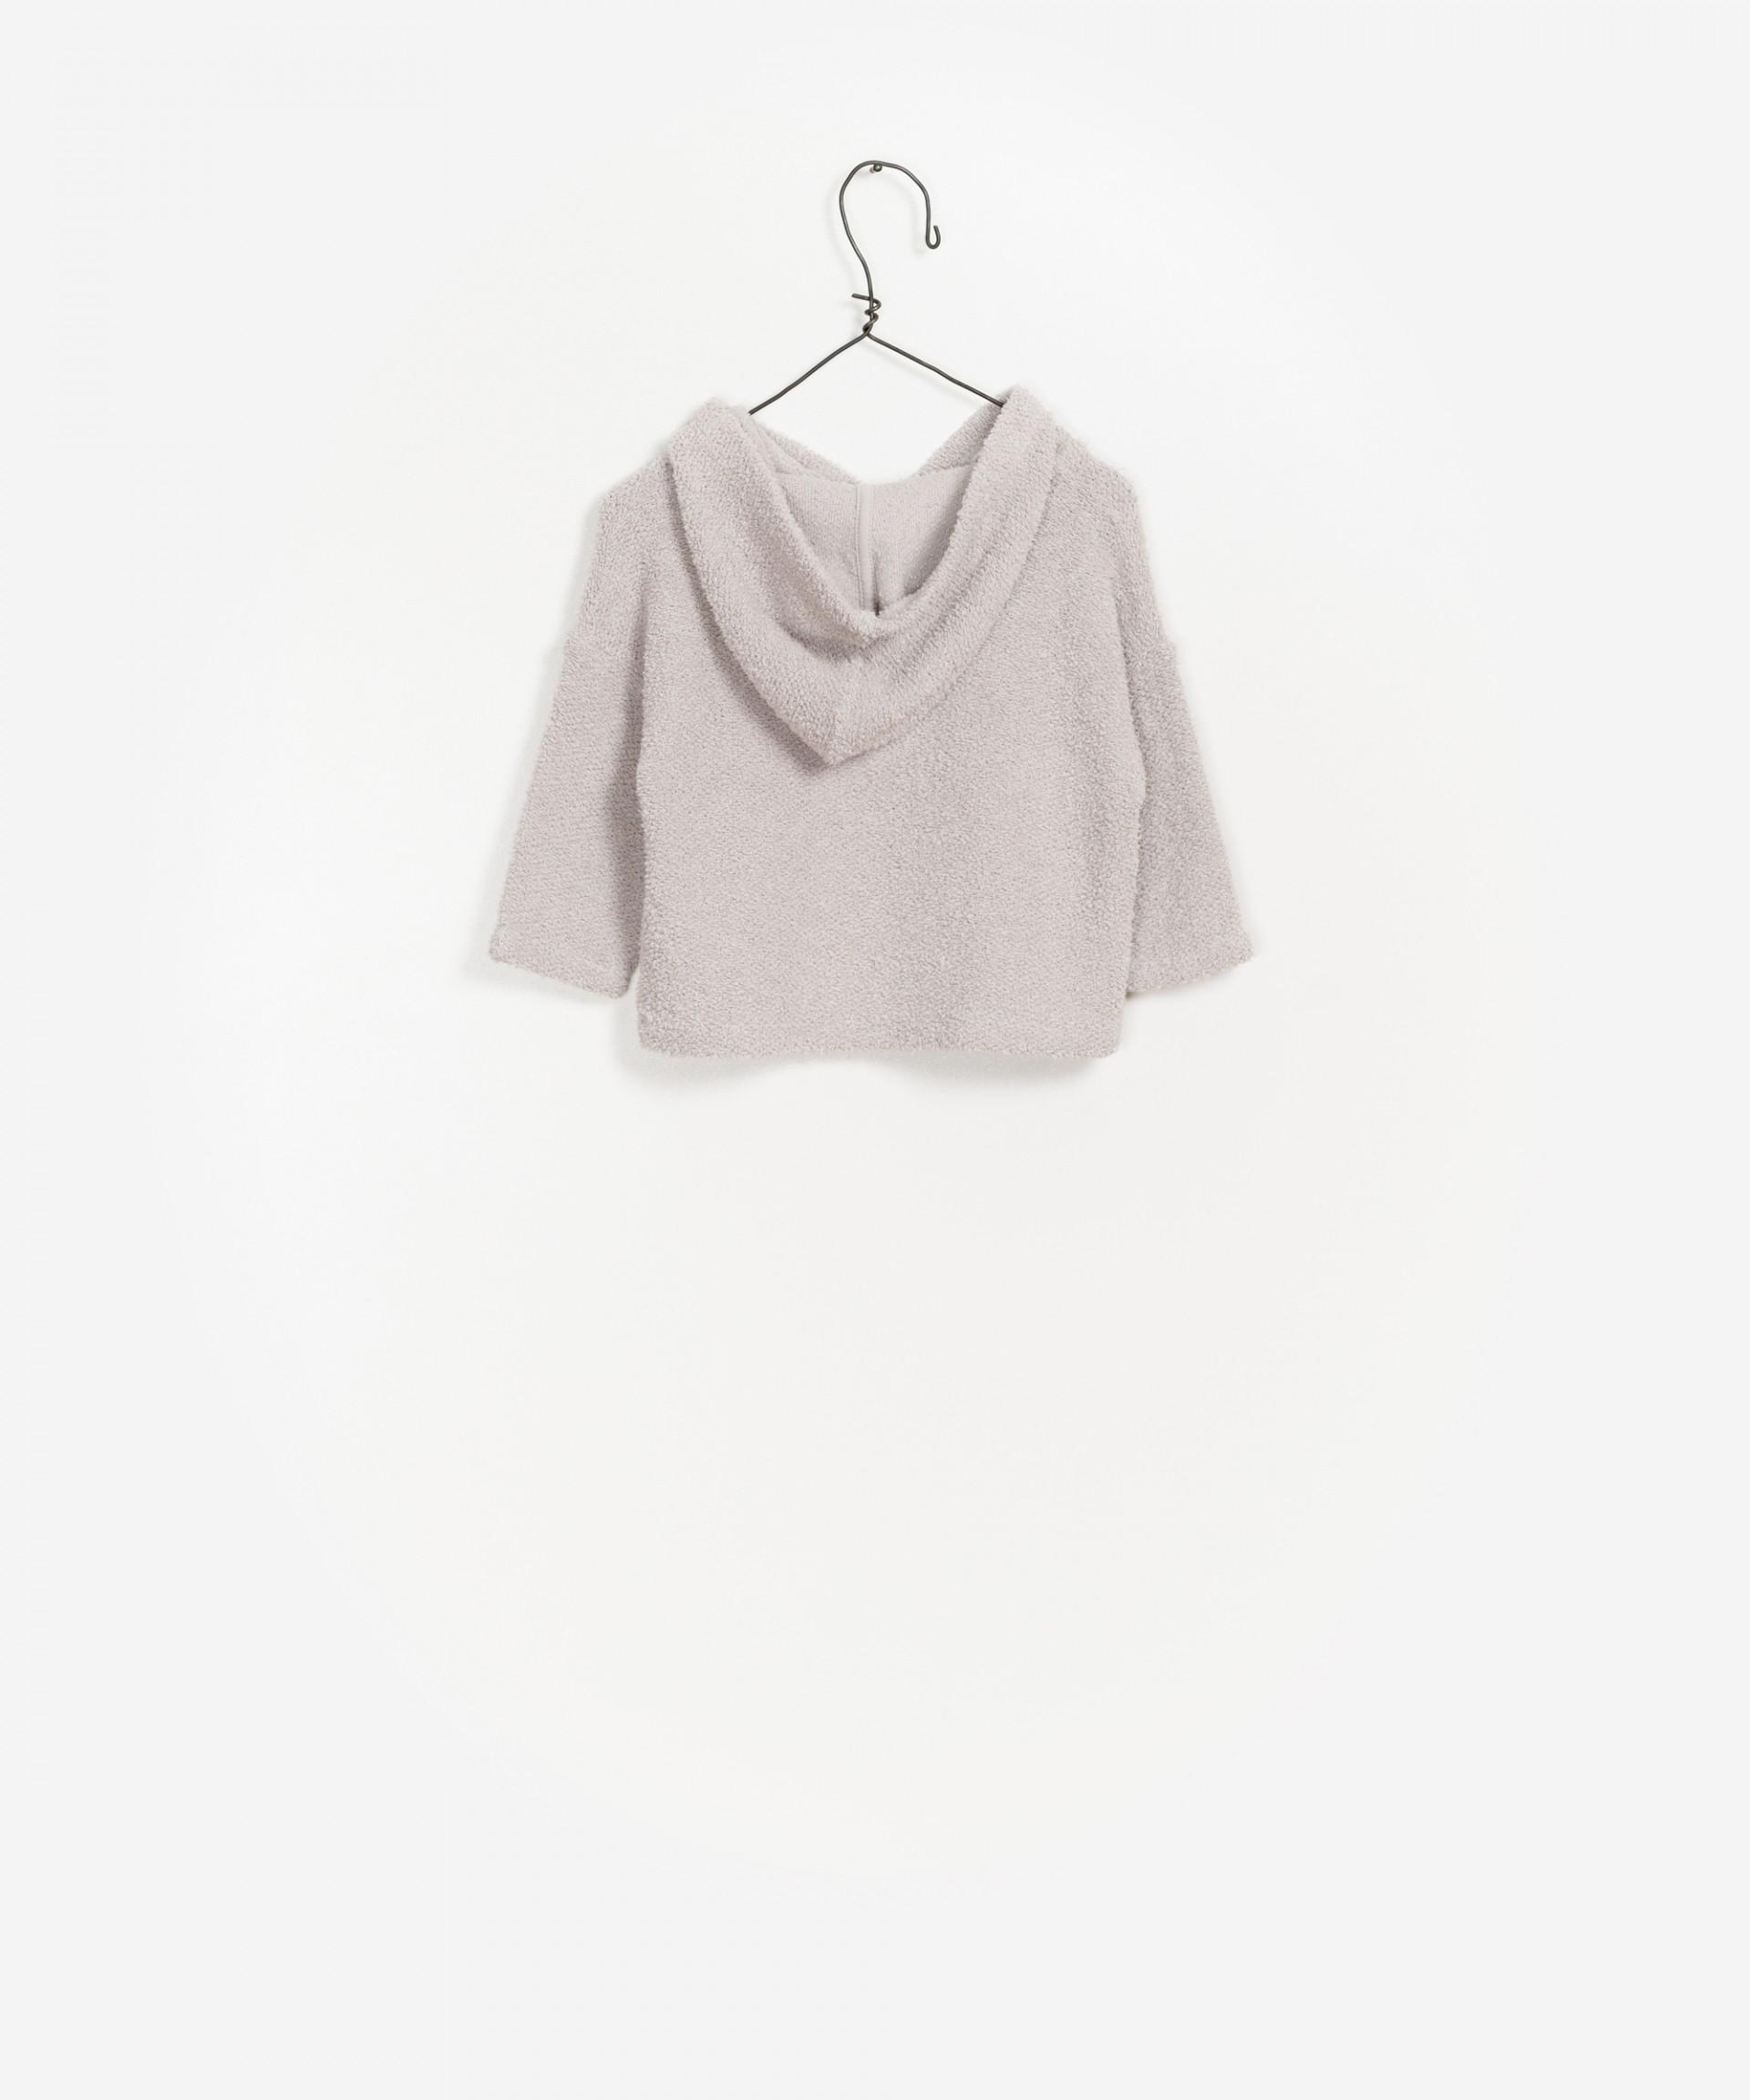 Camisola com capuz e abertura com fecho